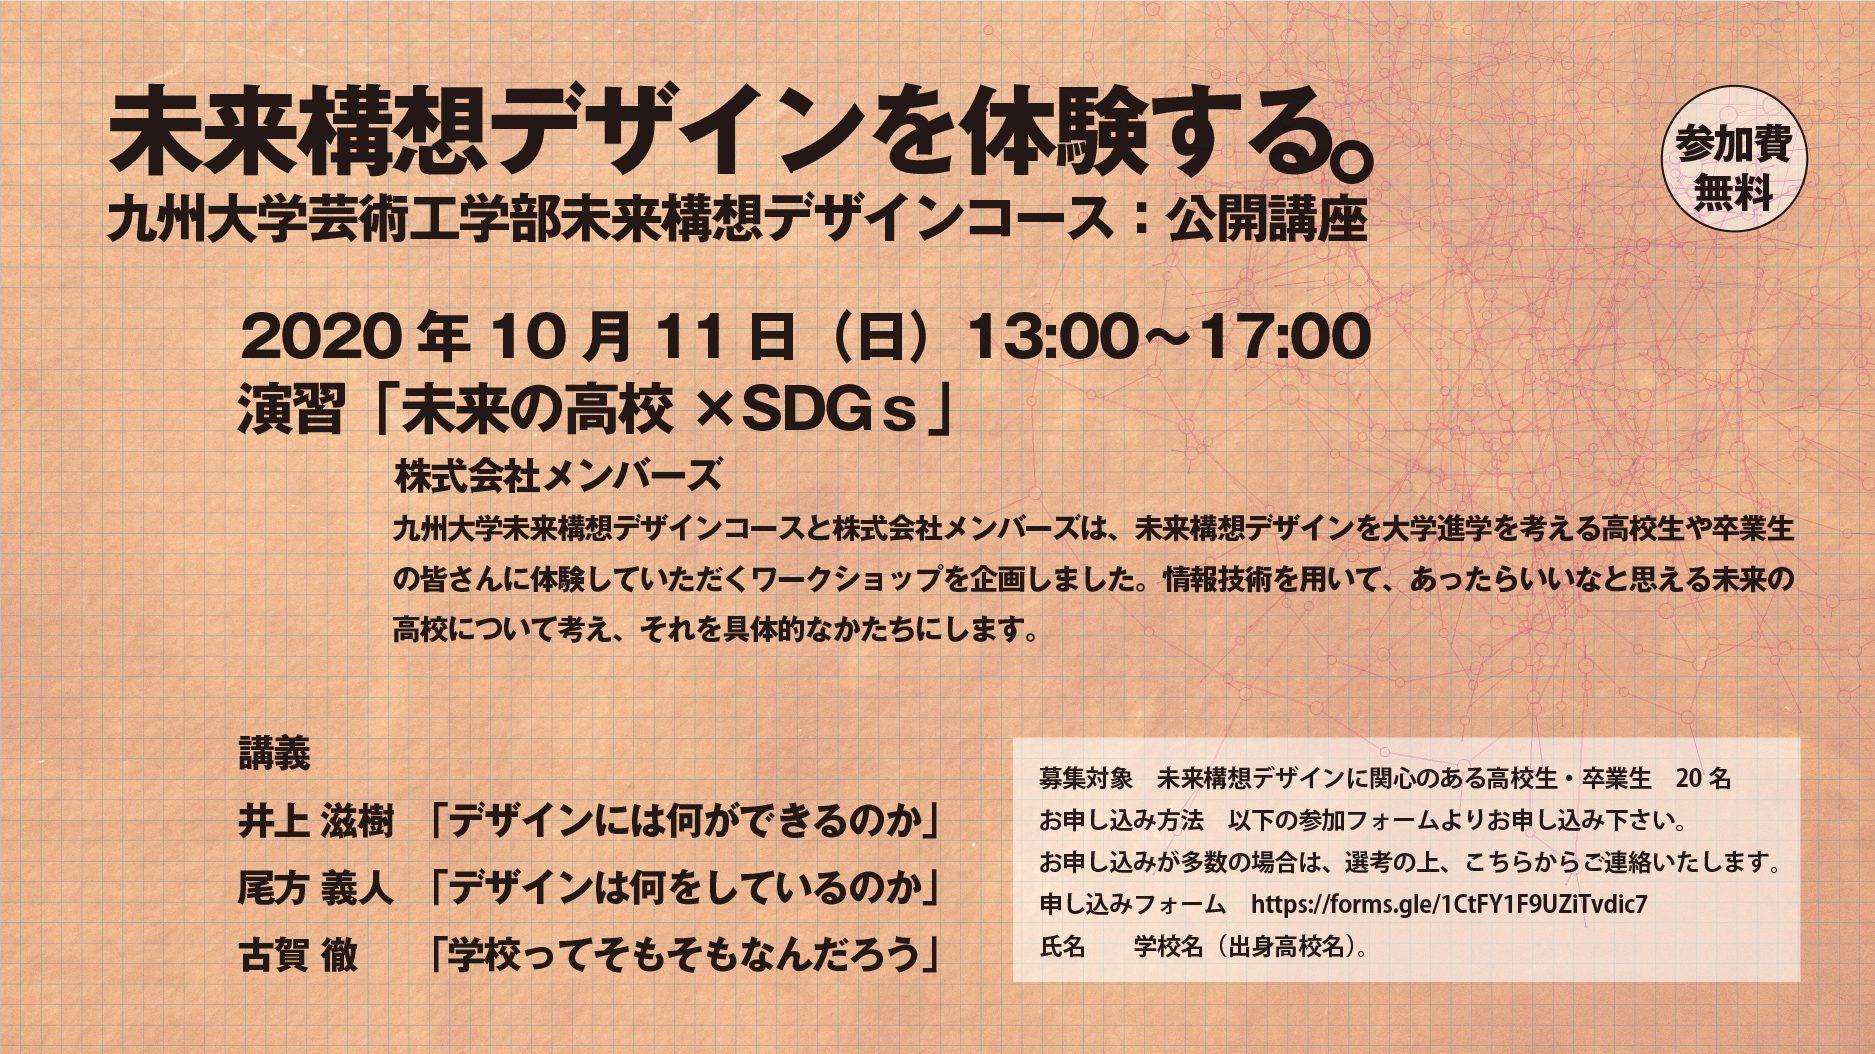 【参加者募集!】10月11日 未来構想デザインを体験するワークショップ